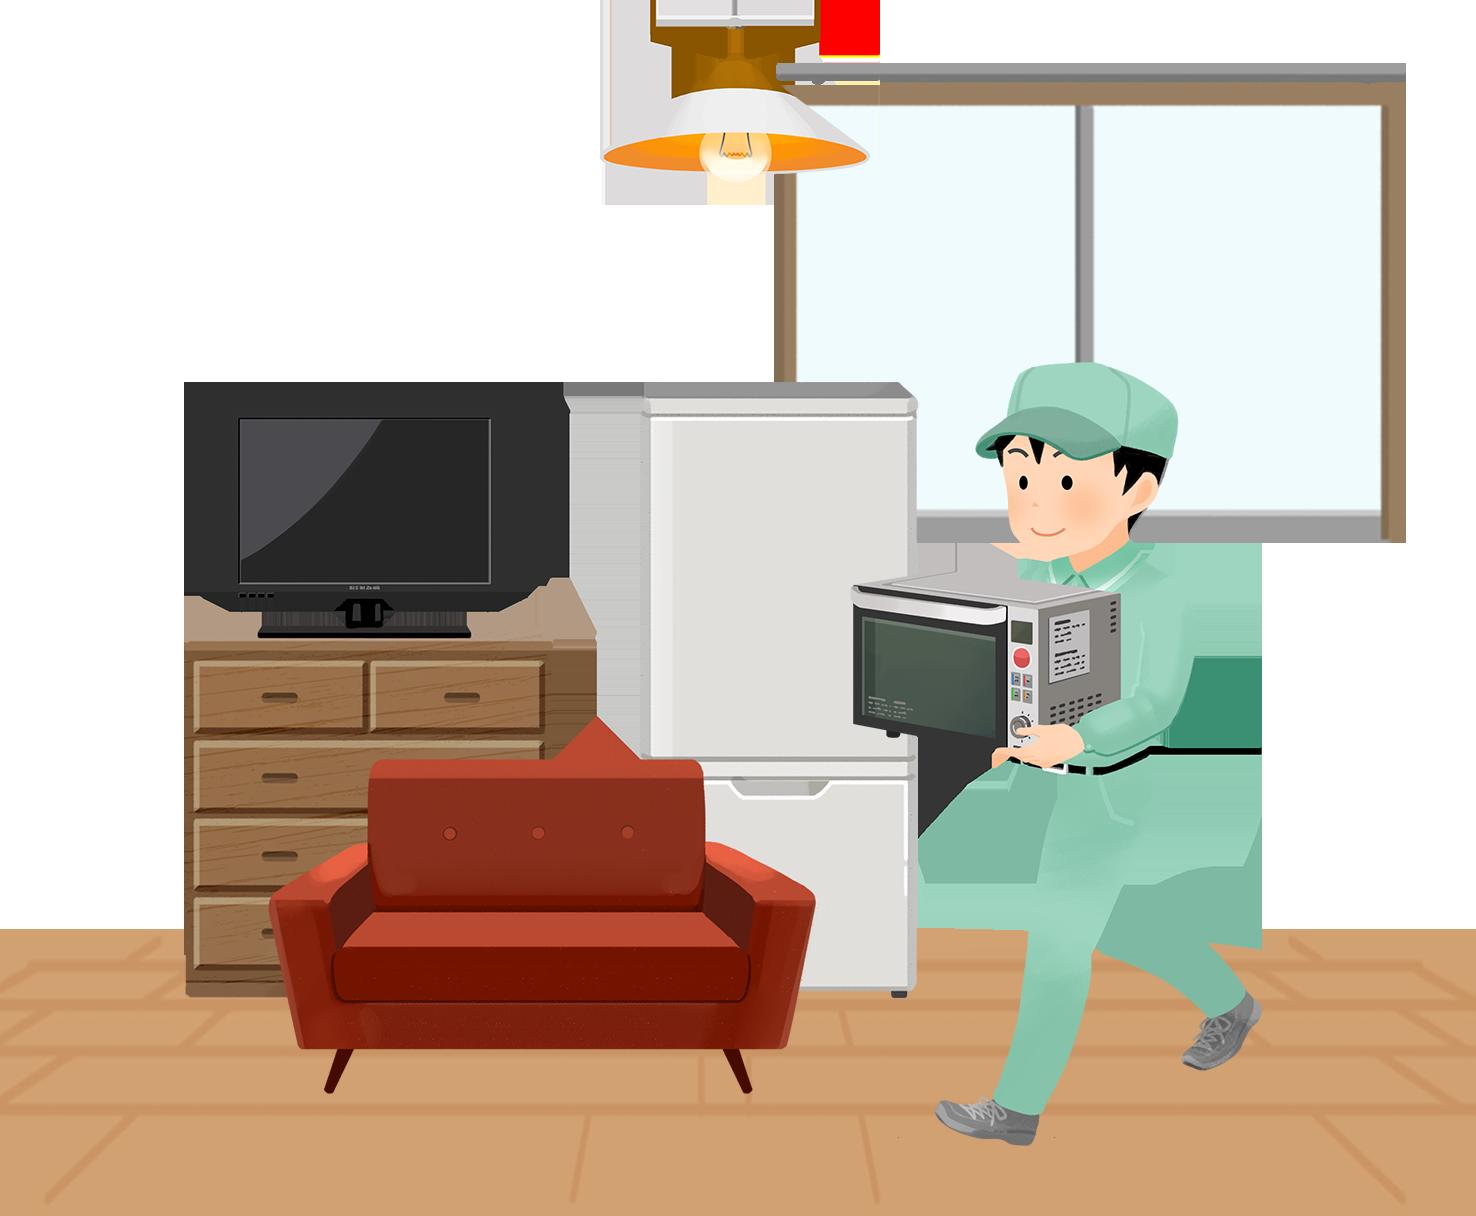 3614家の中の家電を運ぶ不用品回収業者スタッフ(男性)